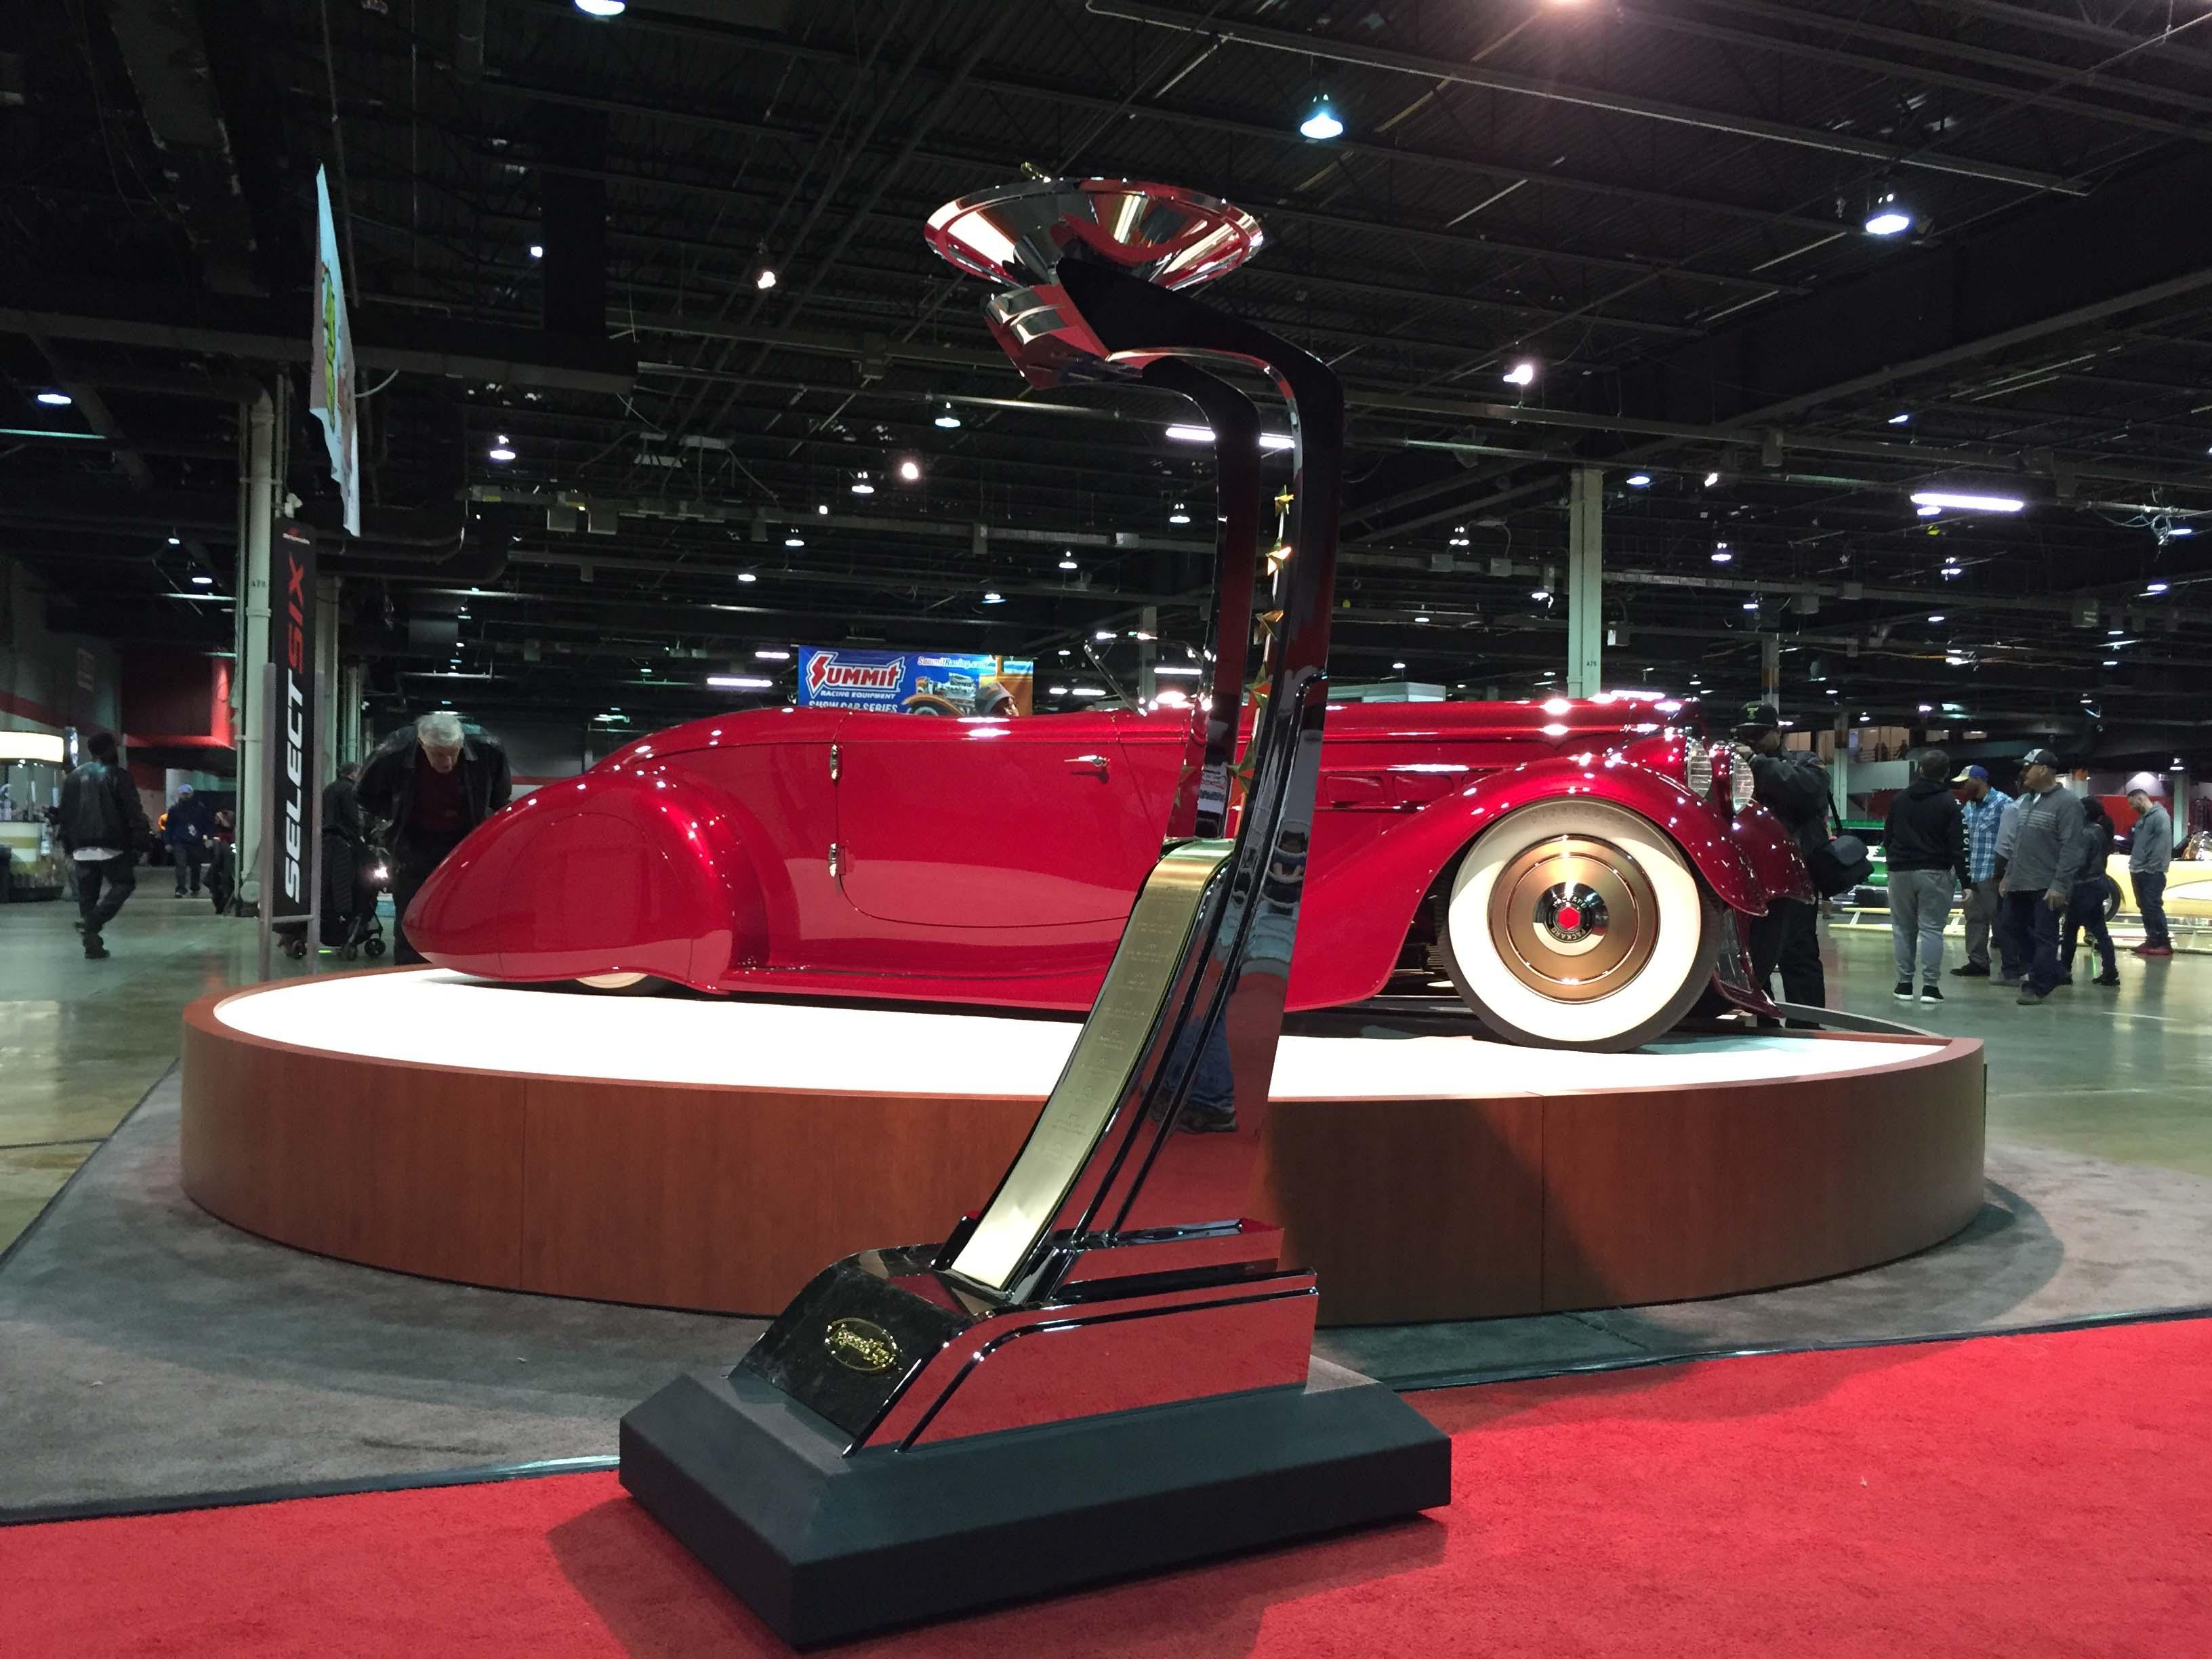 Legend Cup winner 1936 Packard 2017 Chicago World of Wheels